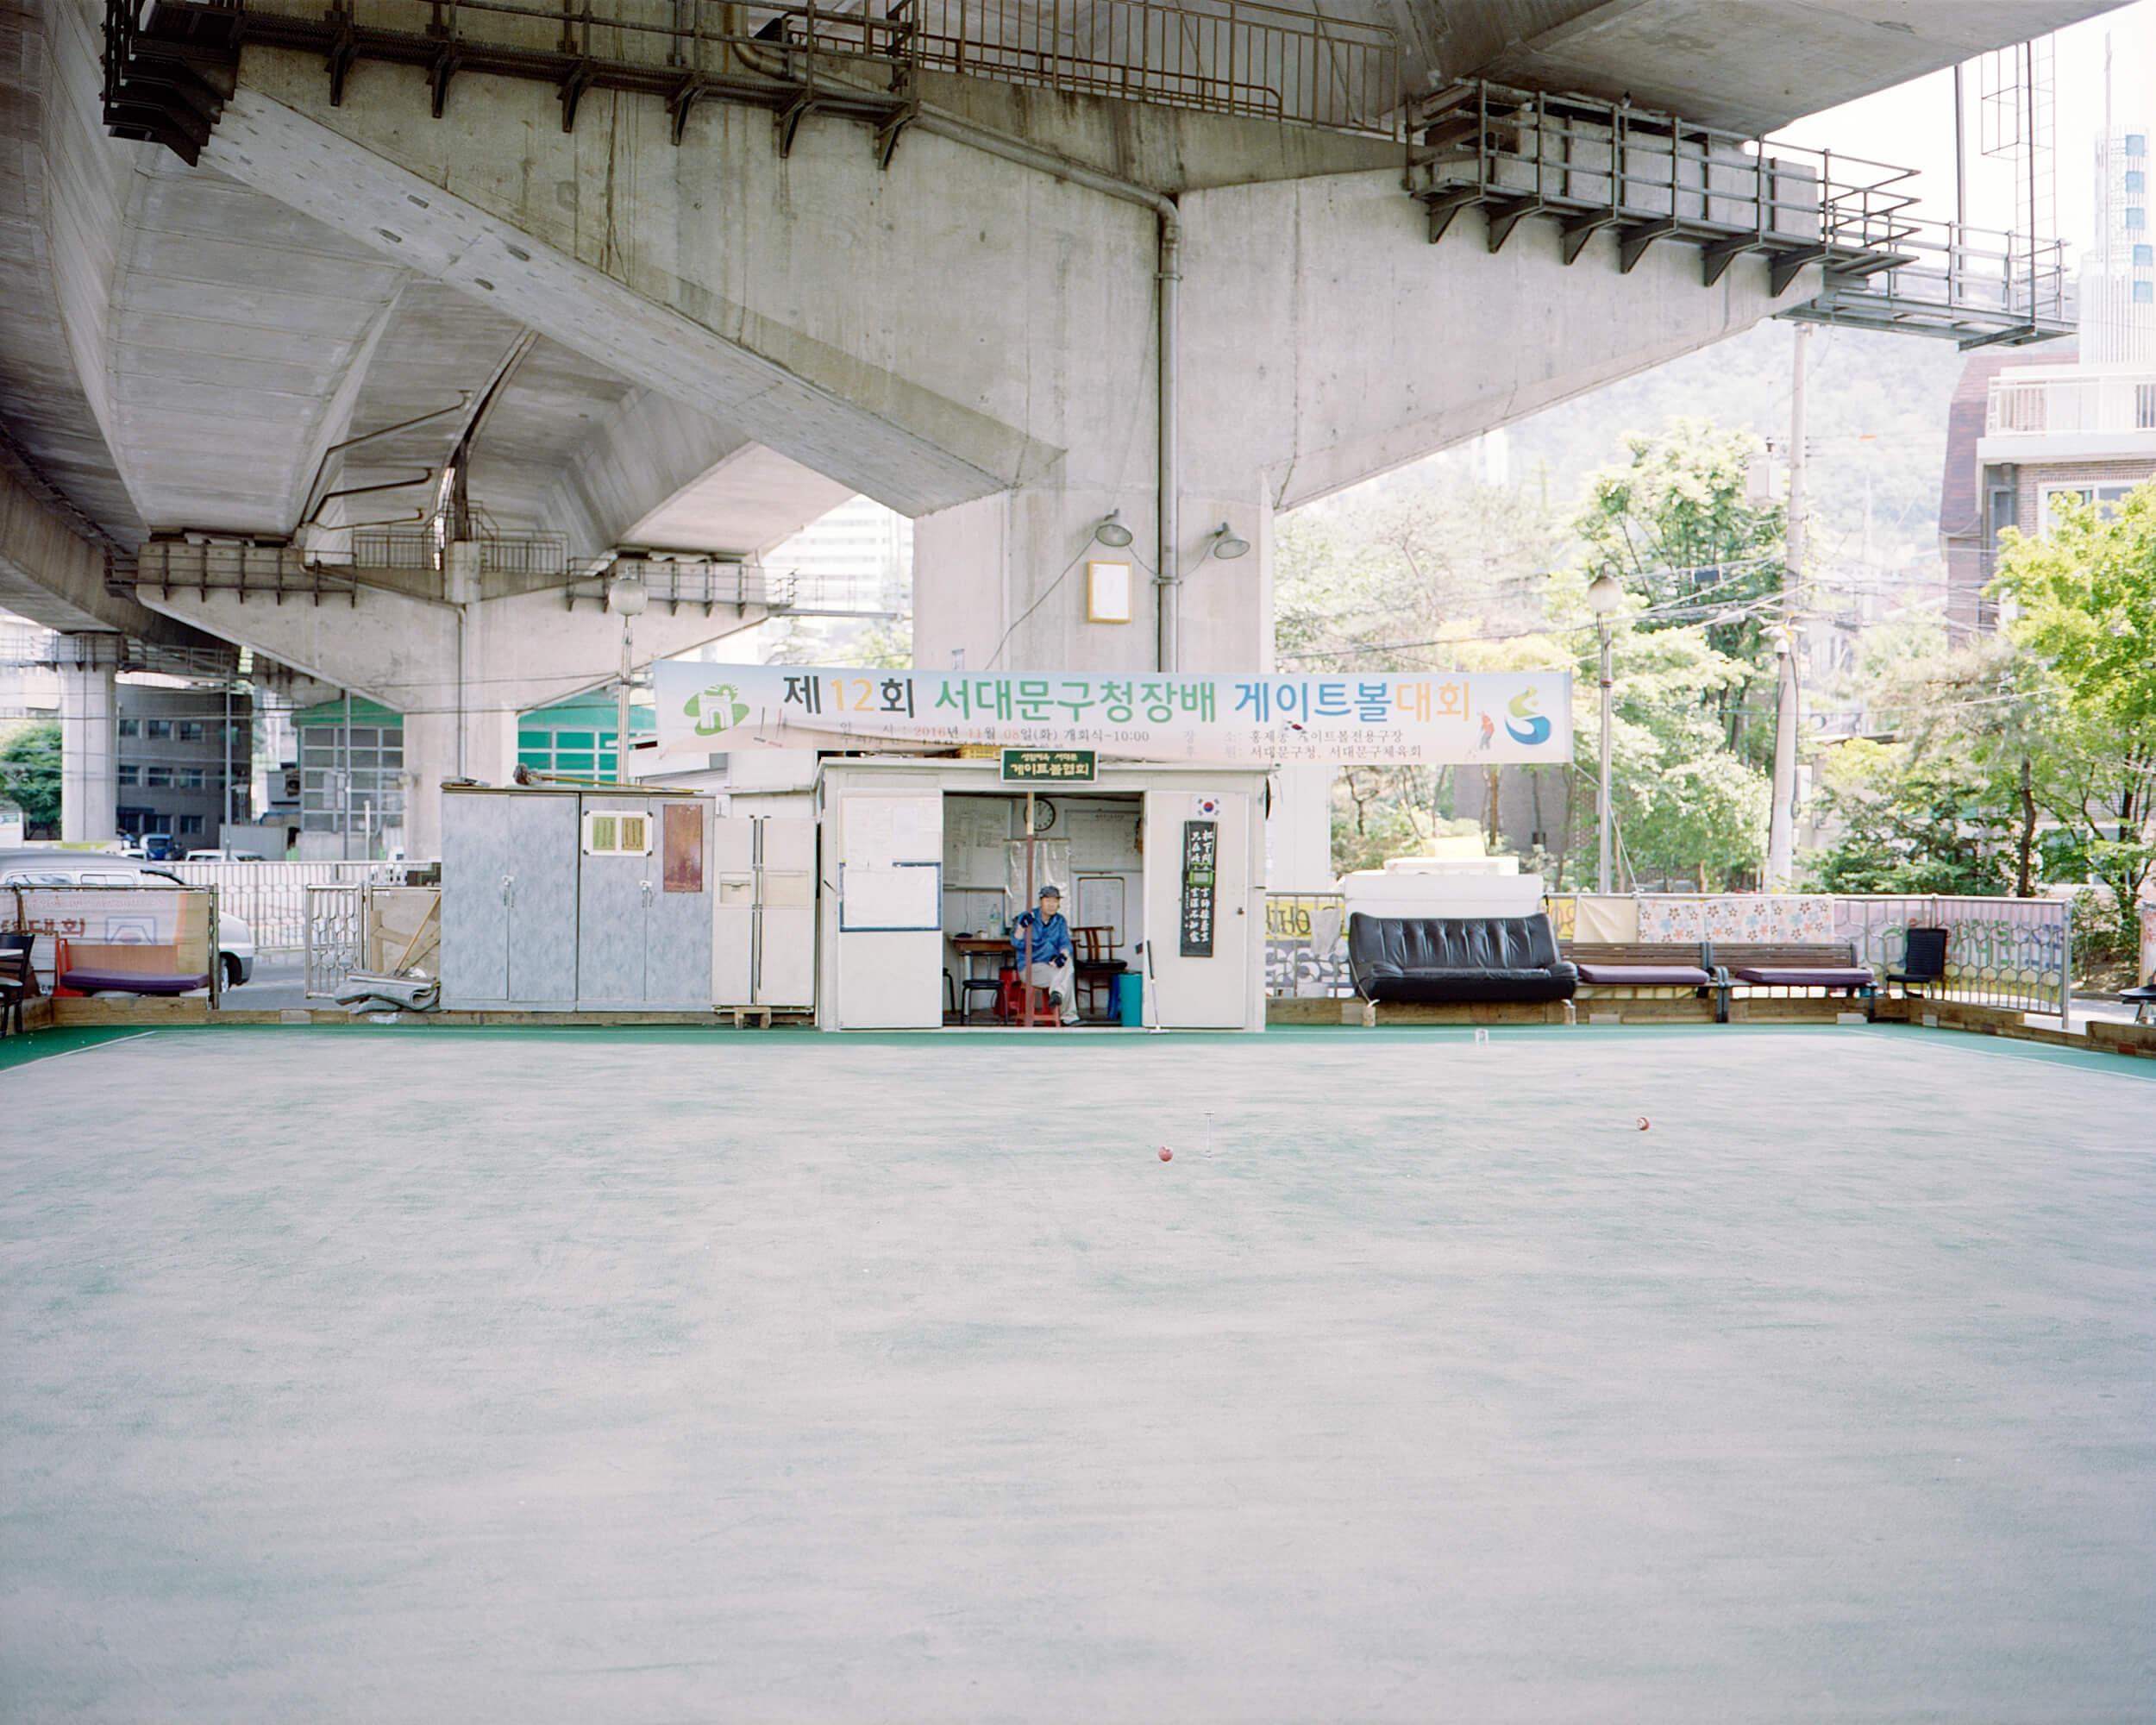 marco-barbieri-postmodernity-38.jpg